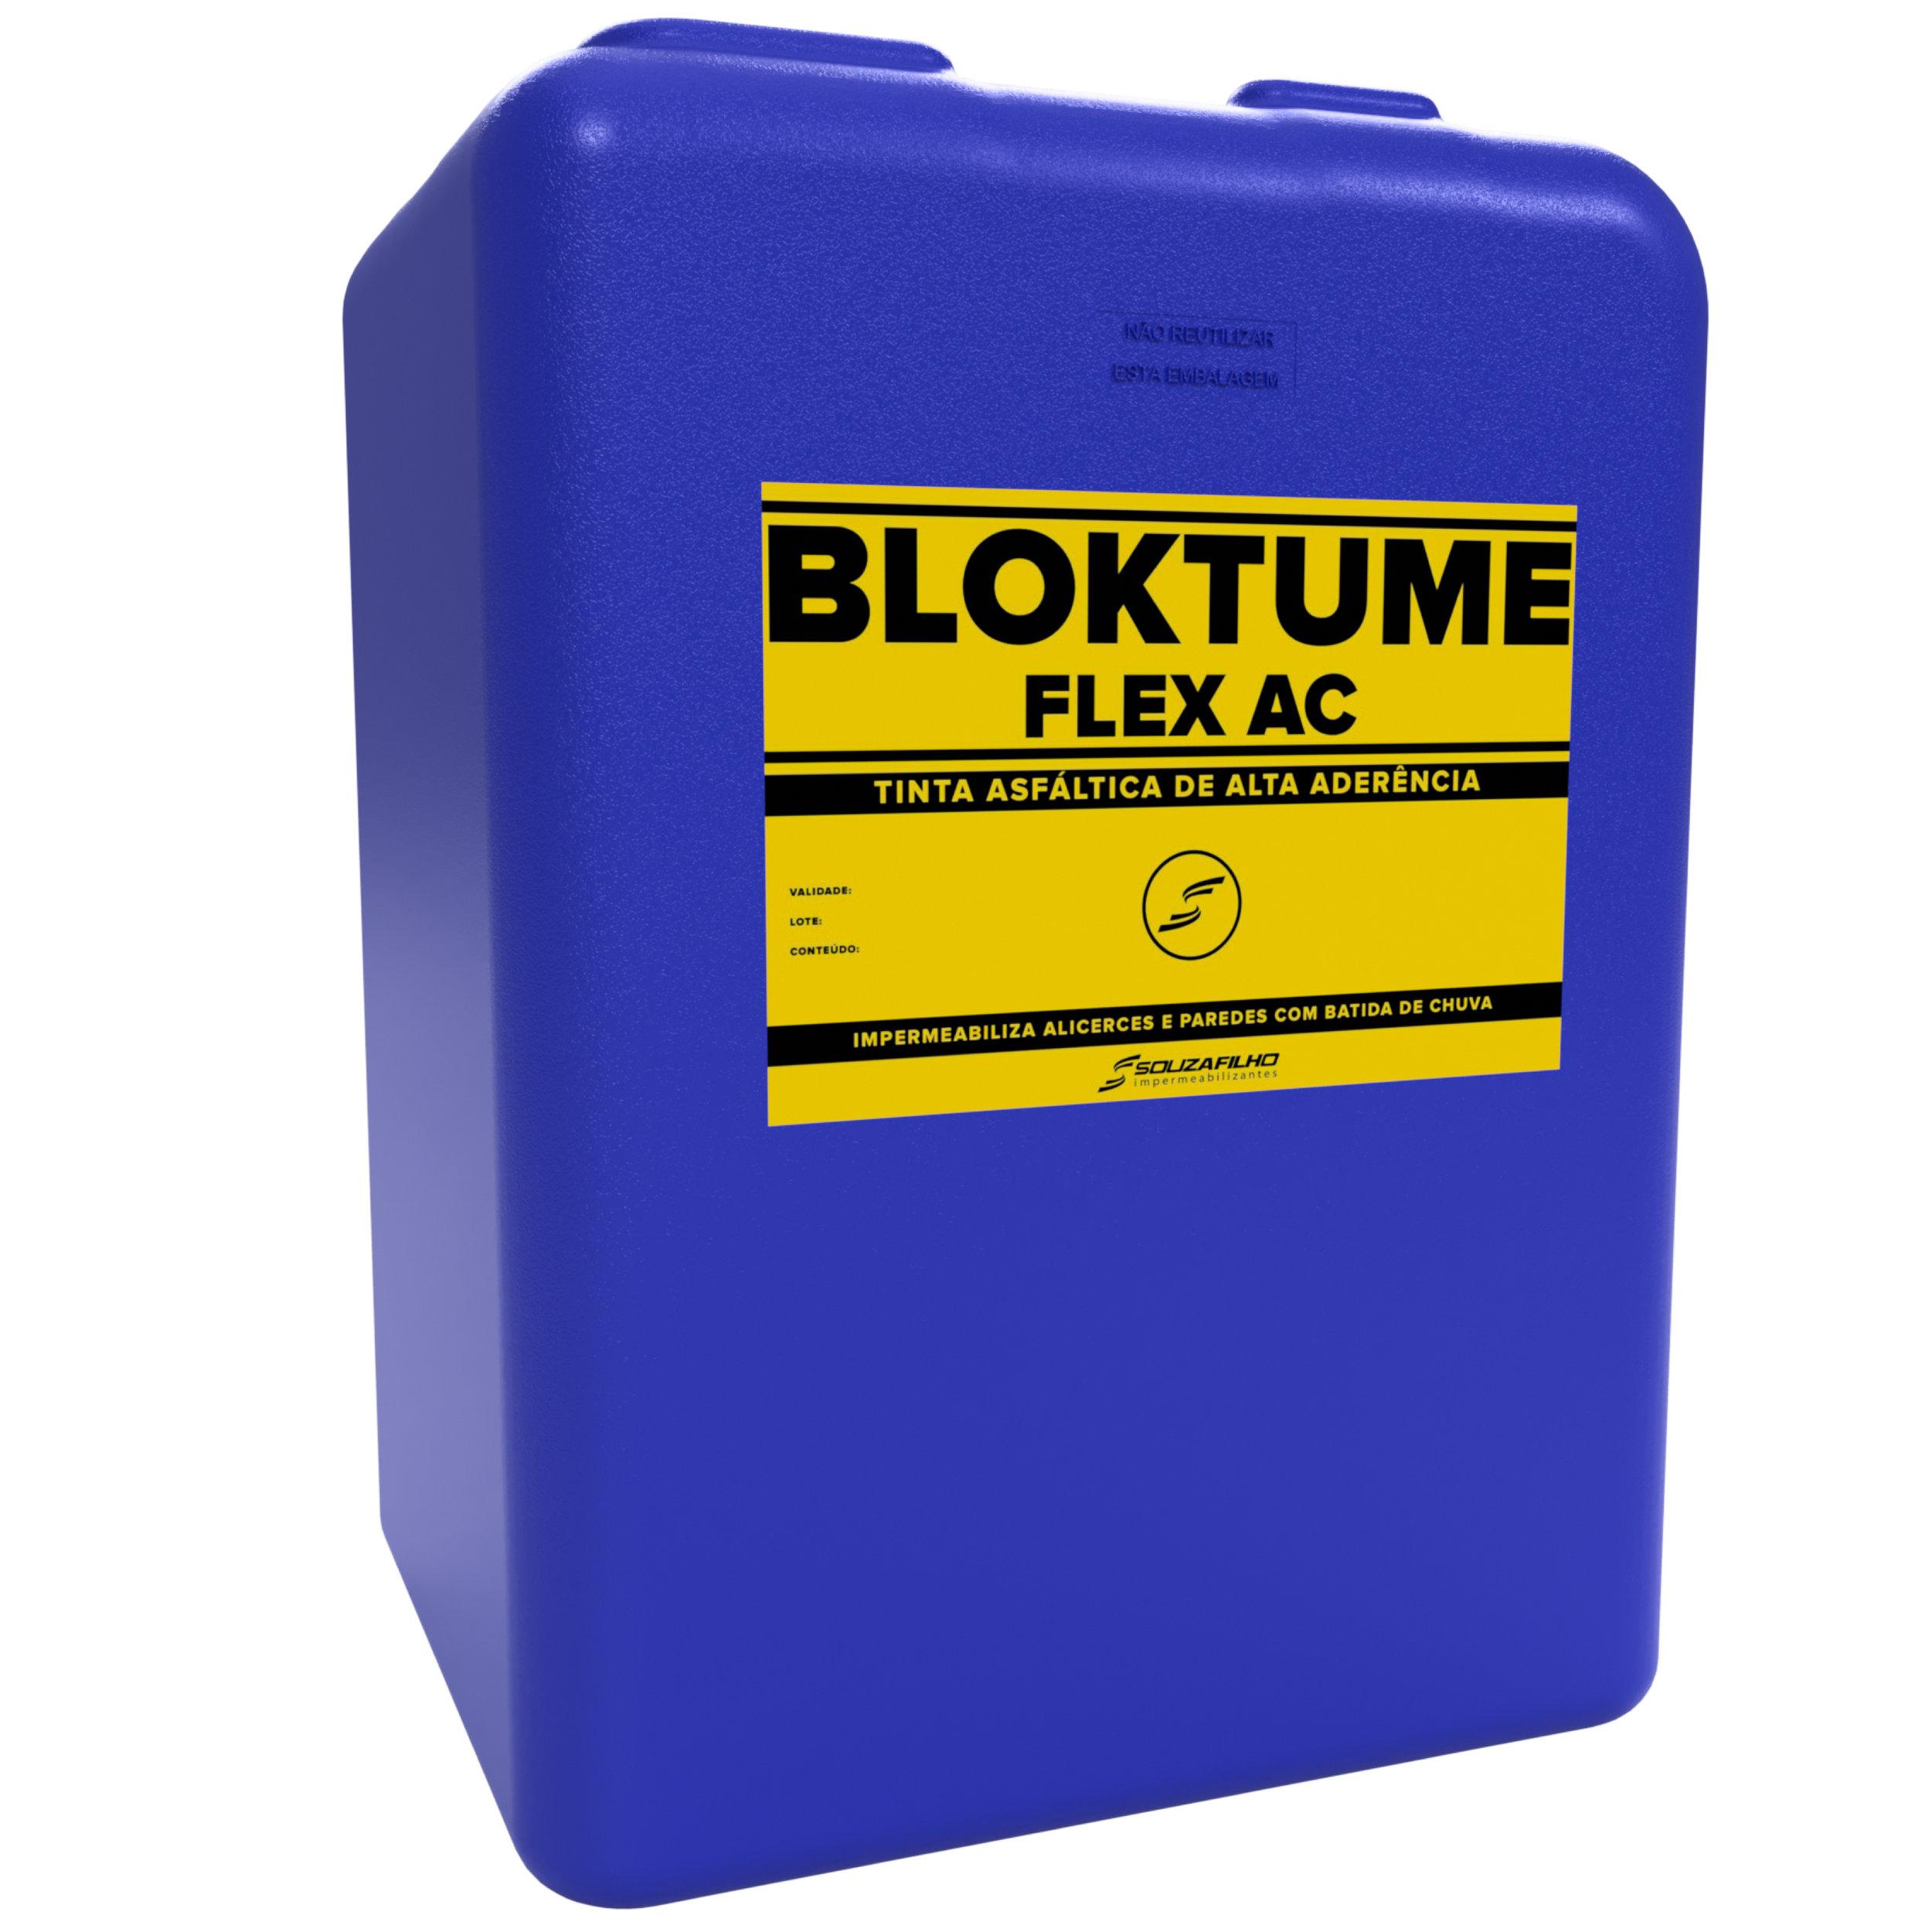 BLOKTUME FLEX AC  - Tinta asfáltica impermeabilizante flexível.   Embalagem: 50 e 200 Quilogramas   Ideal para: Baldrames.   Rendimento: 500 mL por m² em concretos e argamassas. 300 mL por m² em superfícies ferrosas.